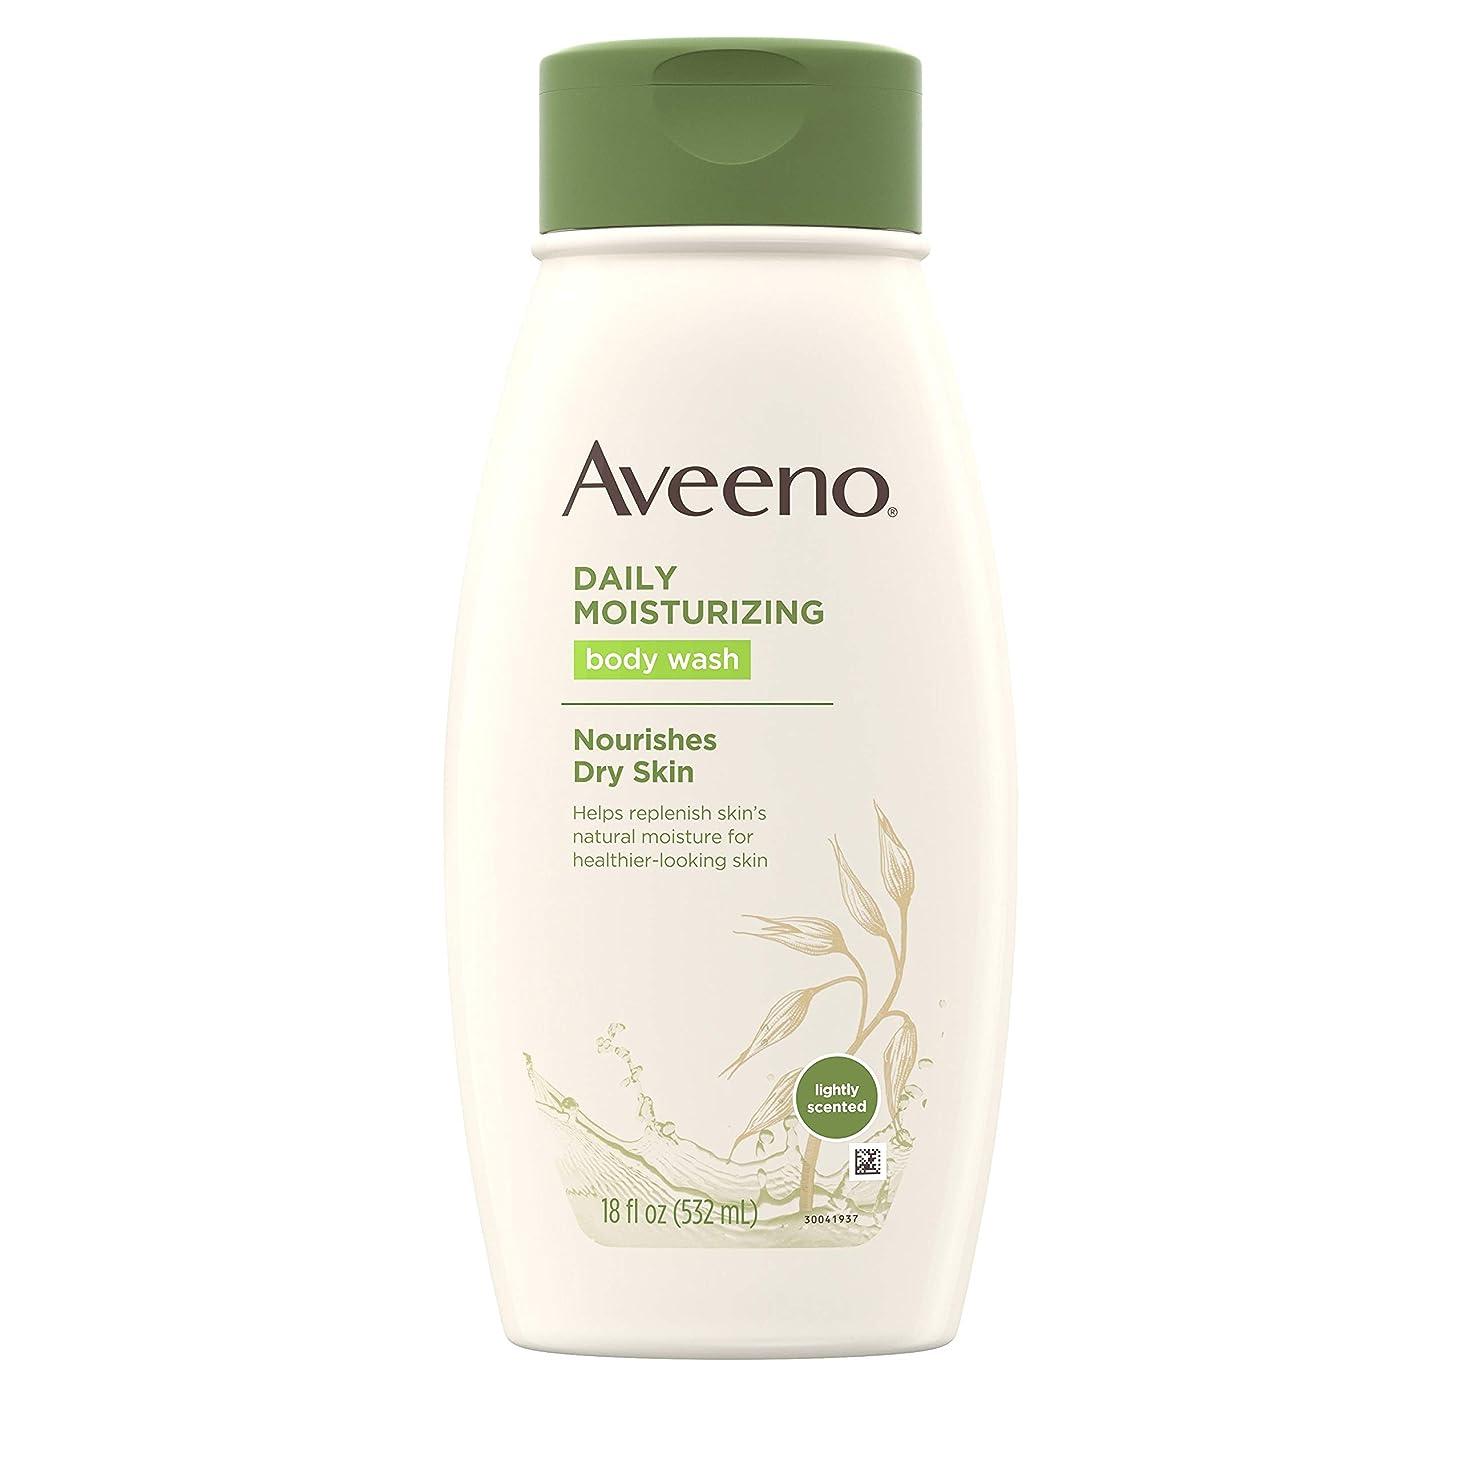 自動車広範囲に魅力Aveeno Daily Moisturizing Body Wash - 18 Oz by Aveeno